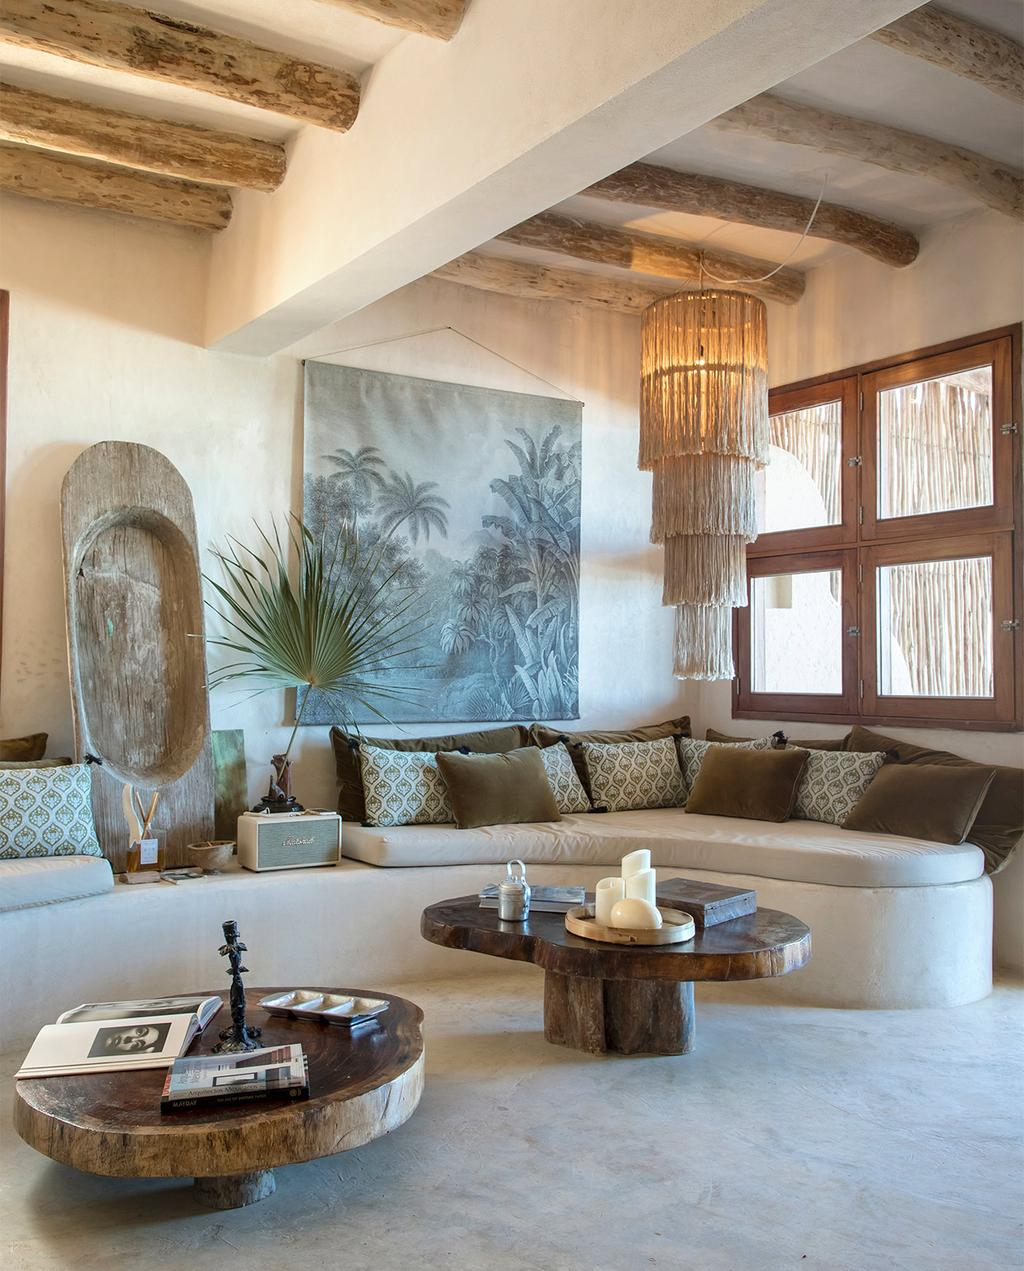 vtwonen casas especiais de verão 07-2021 |  sofá embutido com decoração de parede